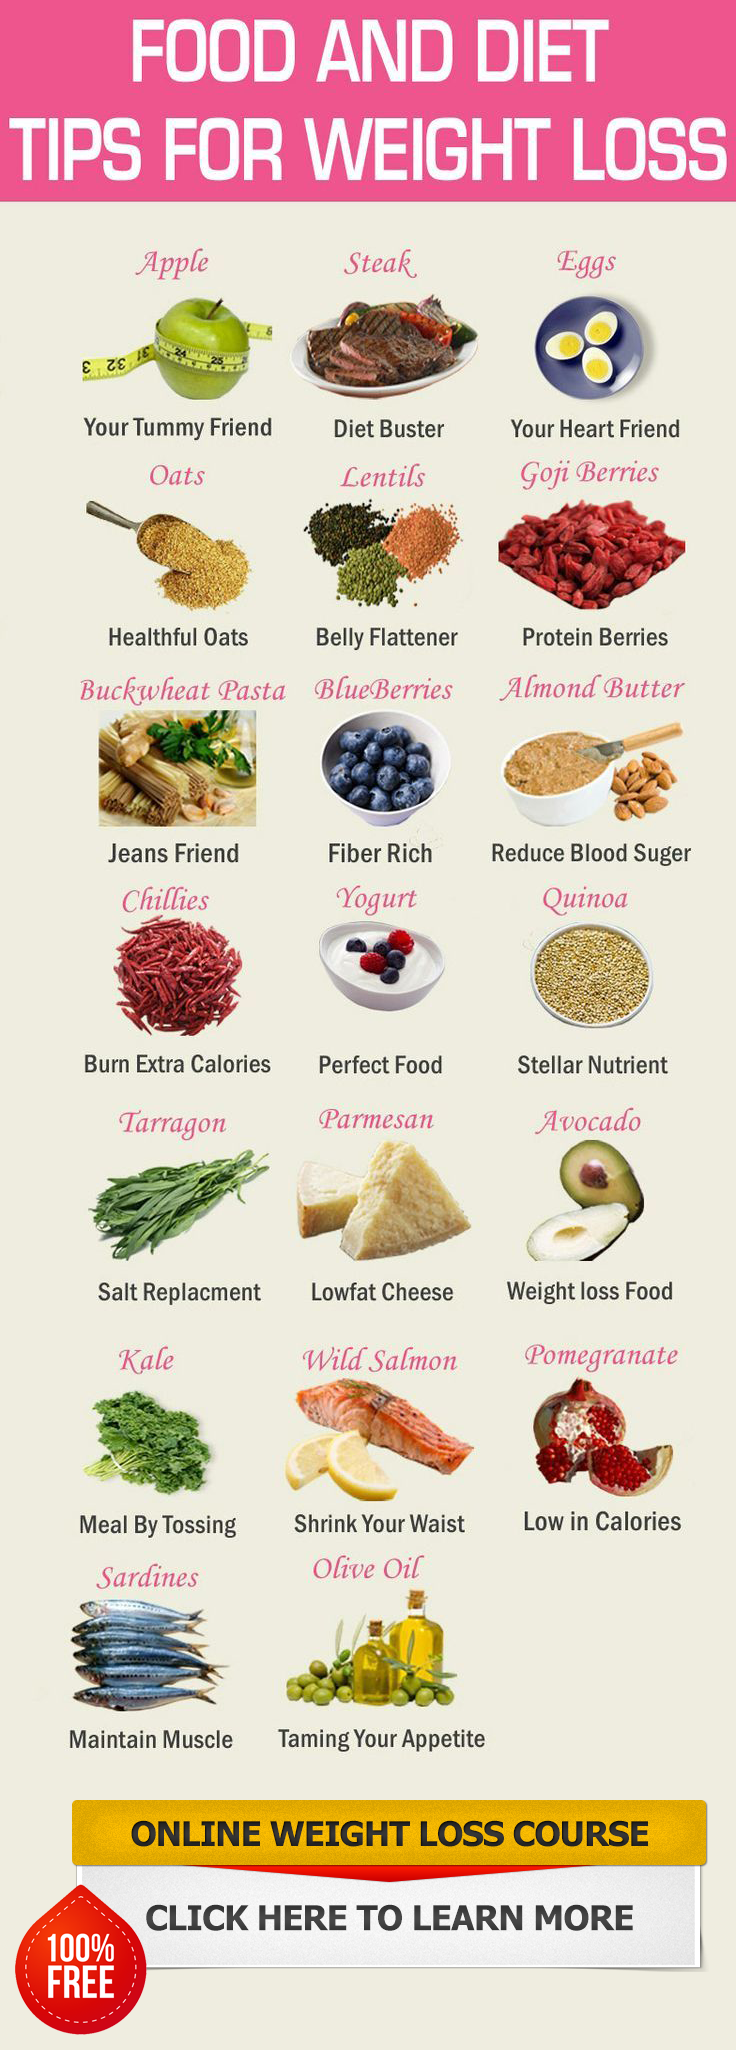 Best detox diet plan for acne image 2